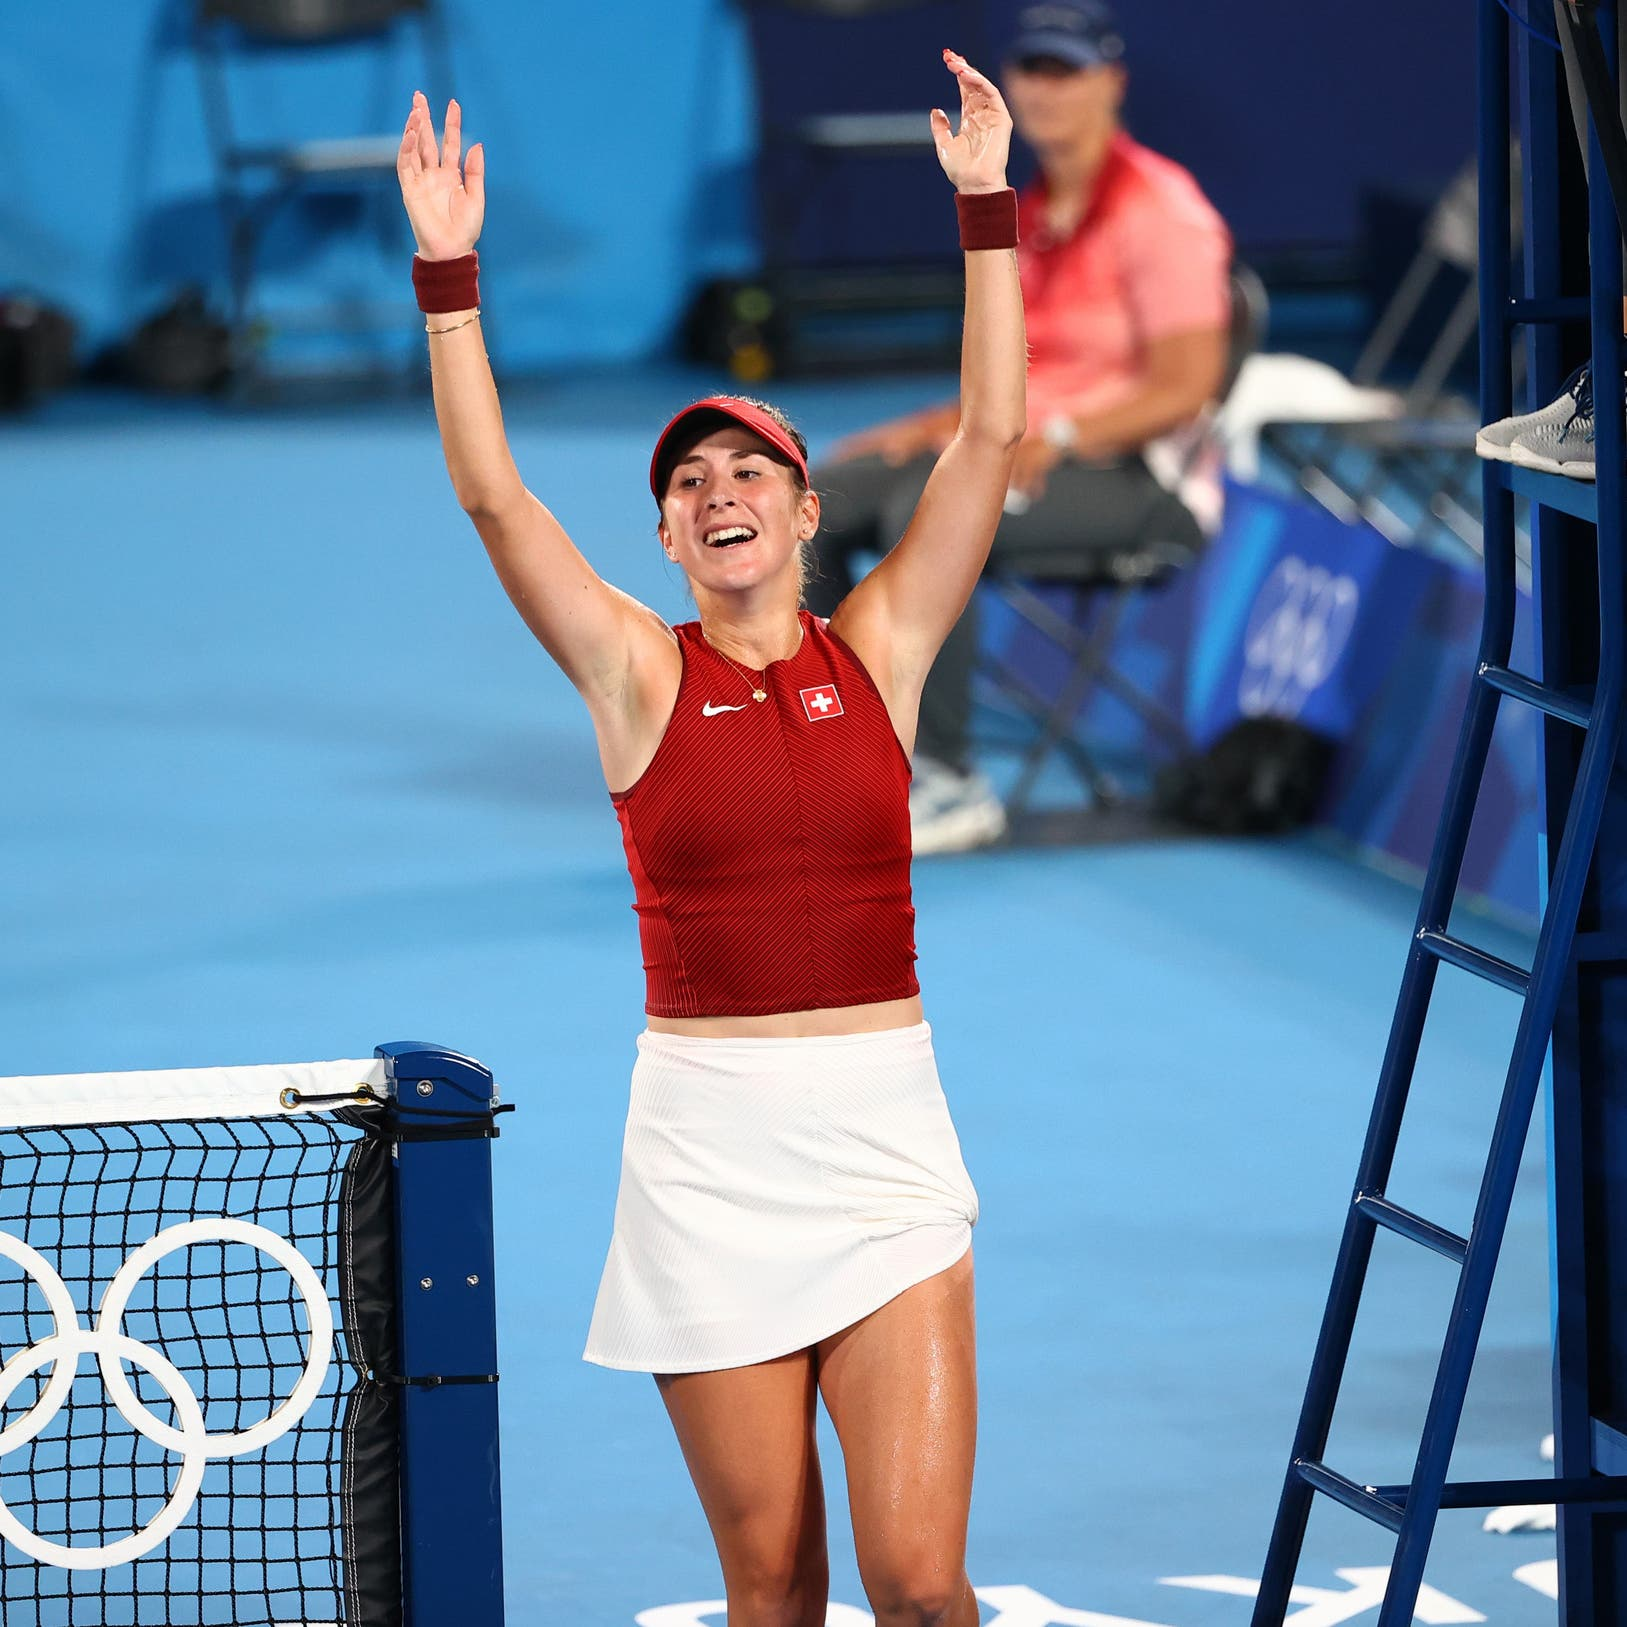 السويسرية بليندا بنتشيتش تحرز ذهبية فردي التنس للسيدات